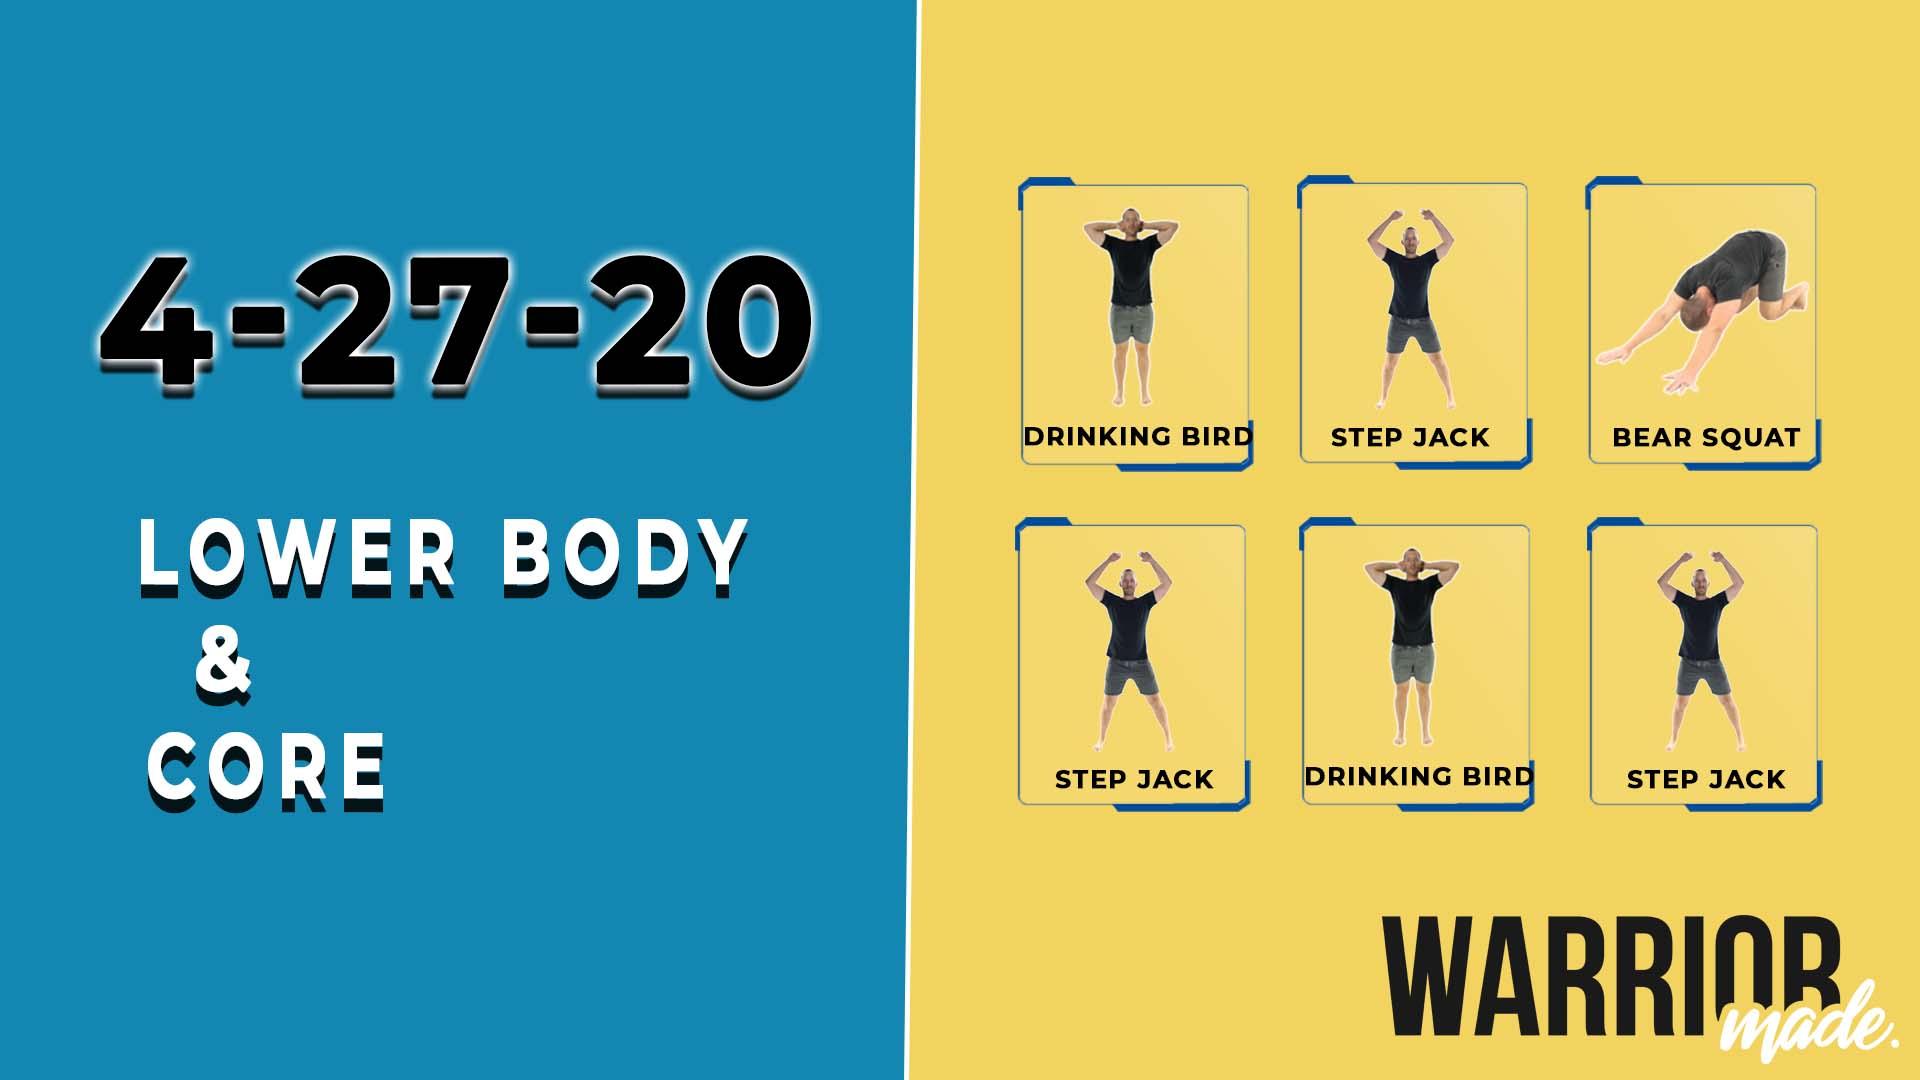 workouts-04-27-20